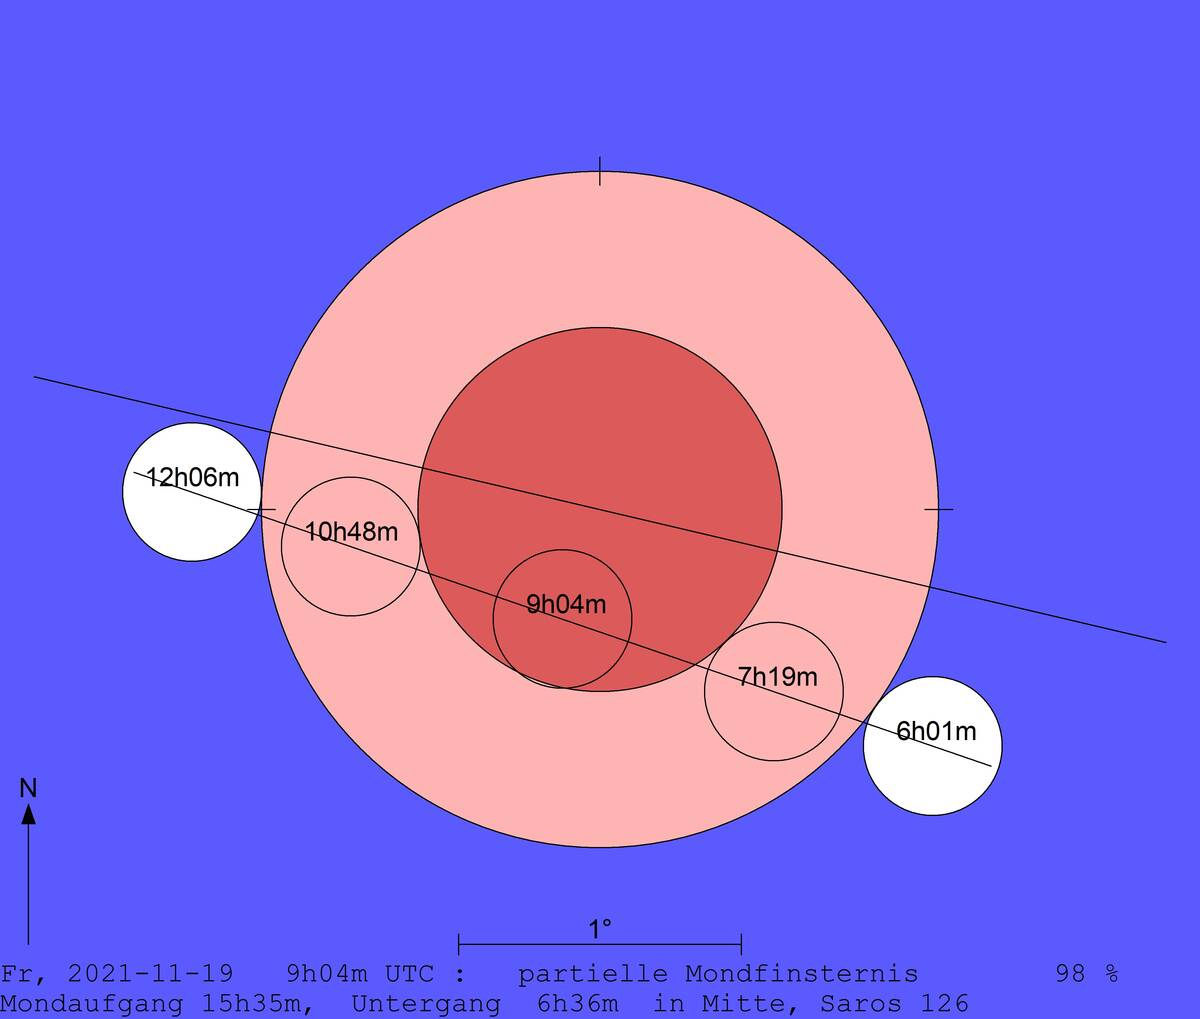 Abbildung mit Zeiten der Mondfinsternis für jede Phase